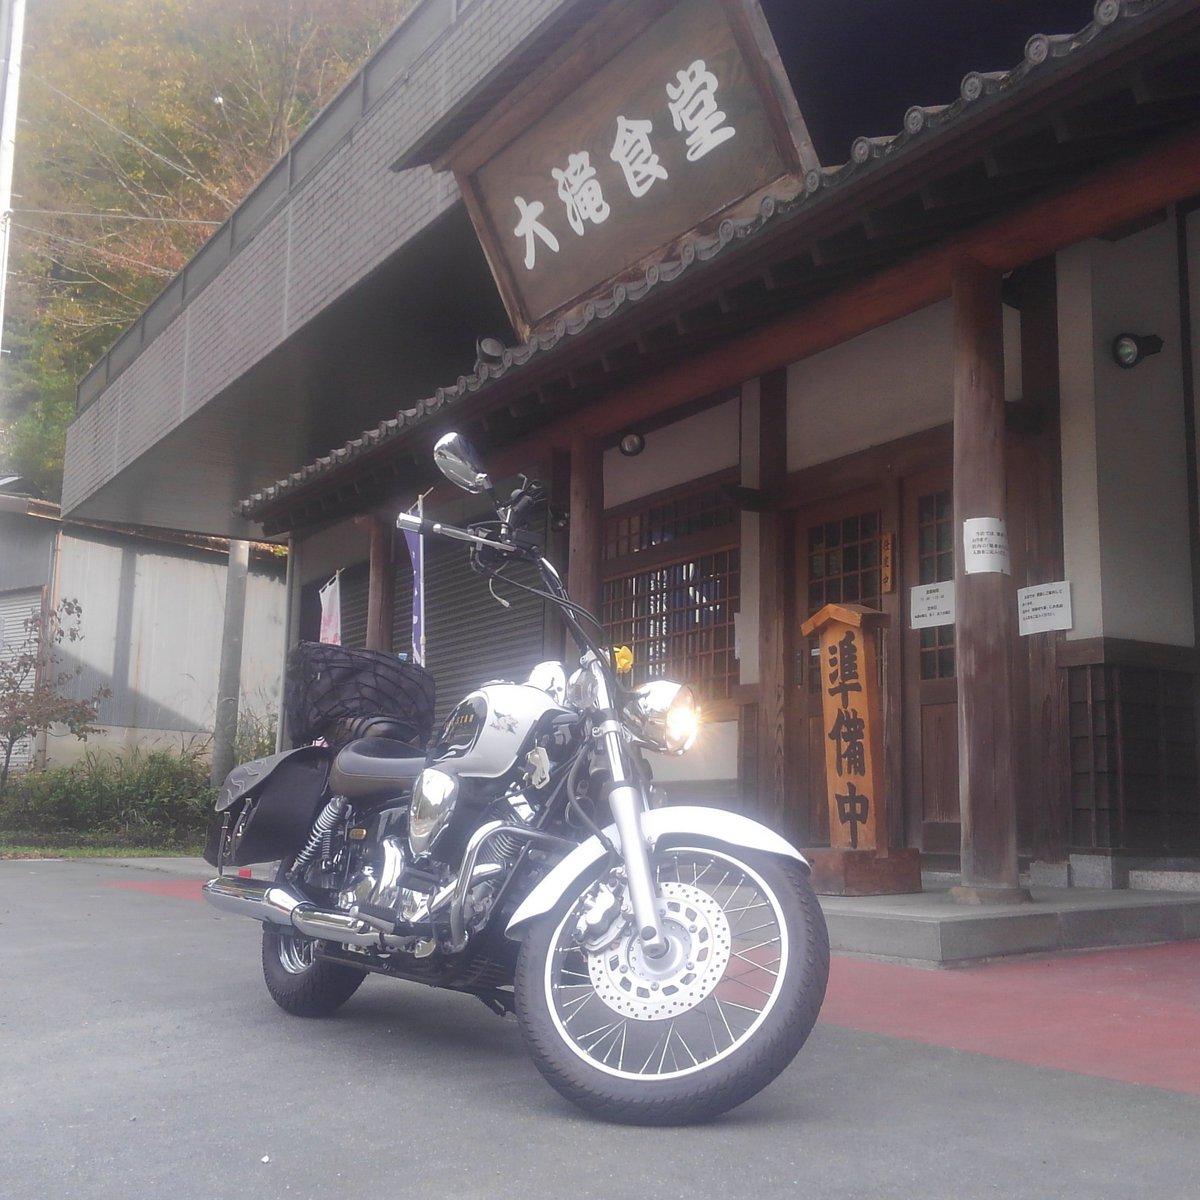 バイク弁当の大滝食堂~(*´∀`) 混んでますなぁ...(;^_^A  #ばくおん #オッサンライダー #バイク弁当